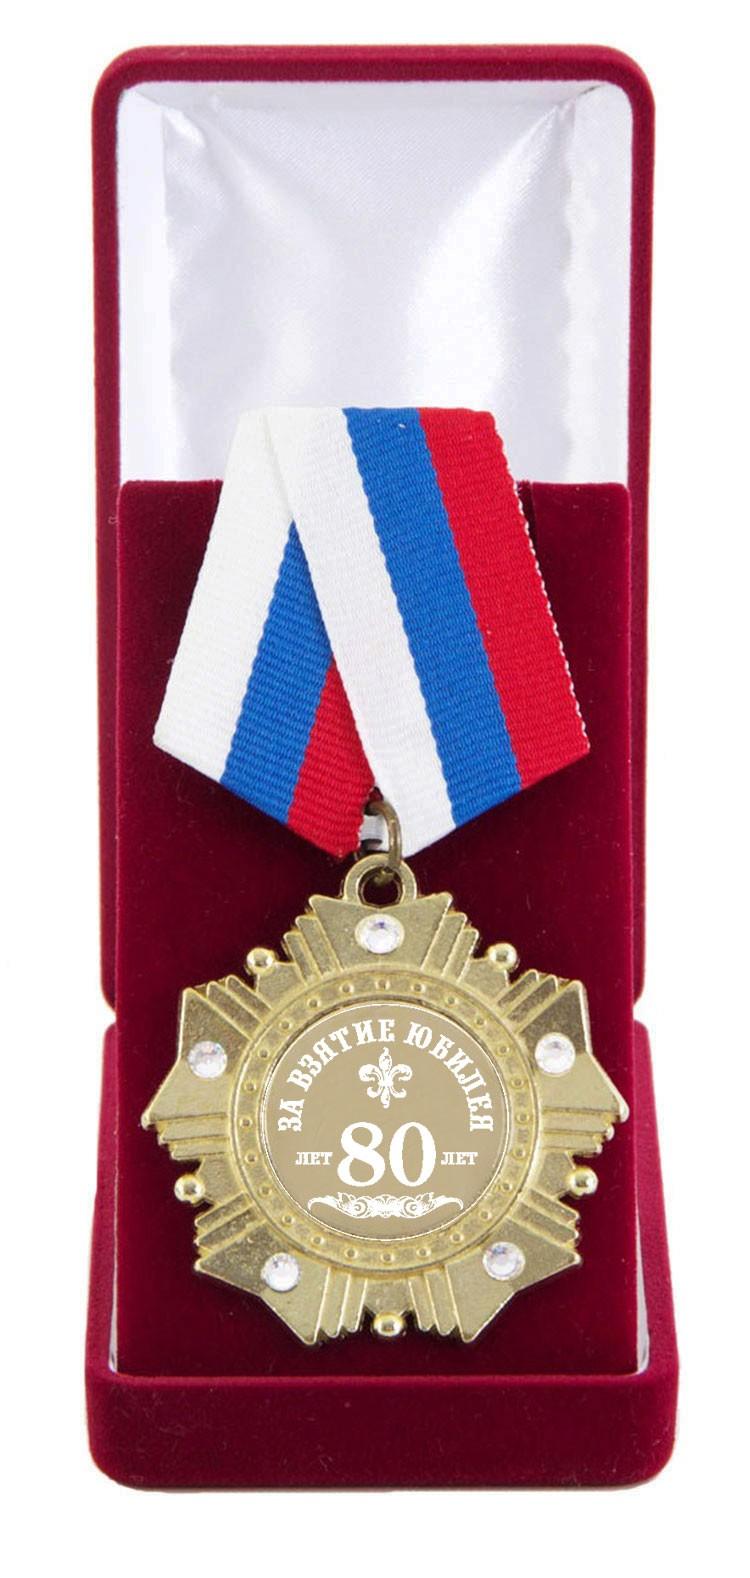 Орден подарочный За взятие юбилея 80 лет